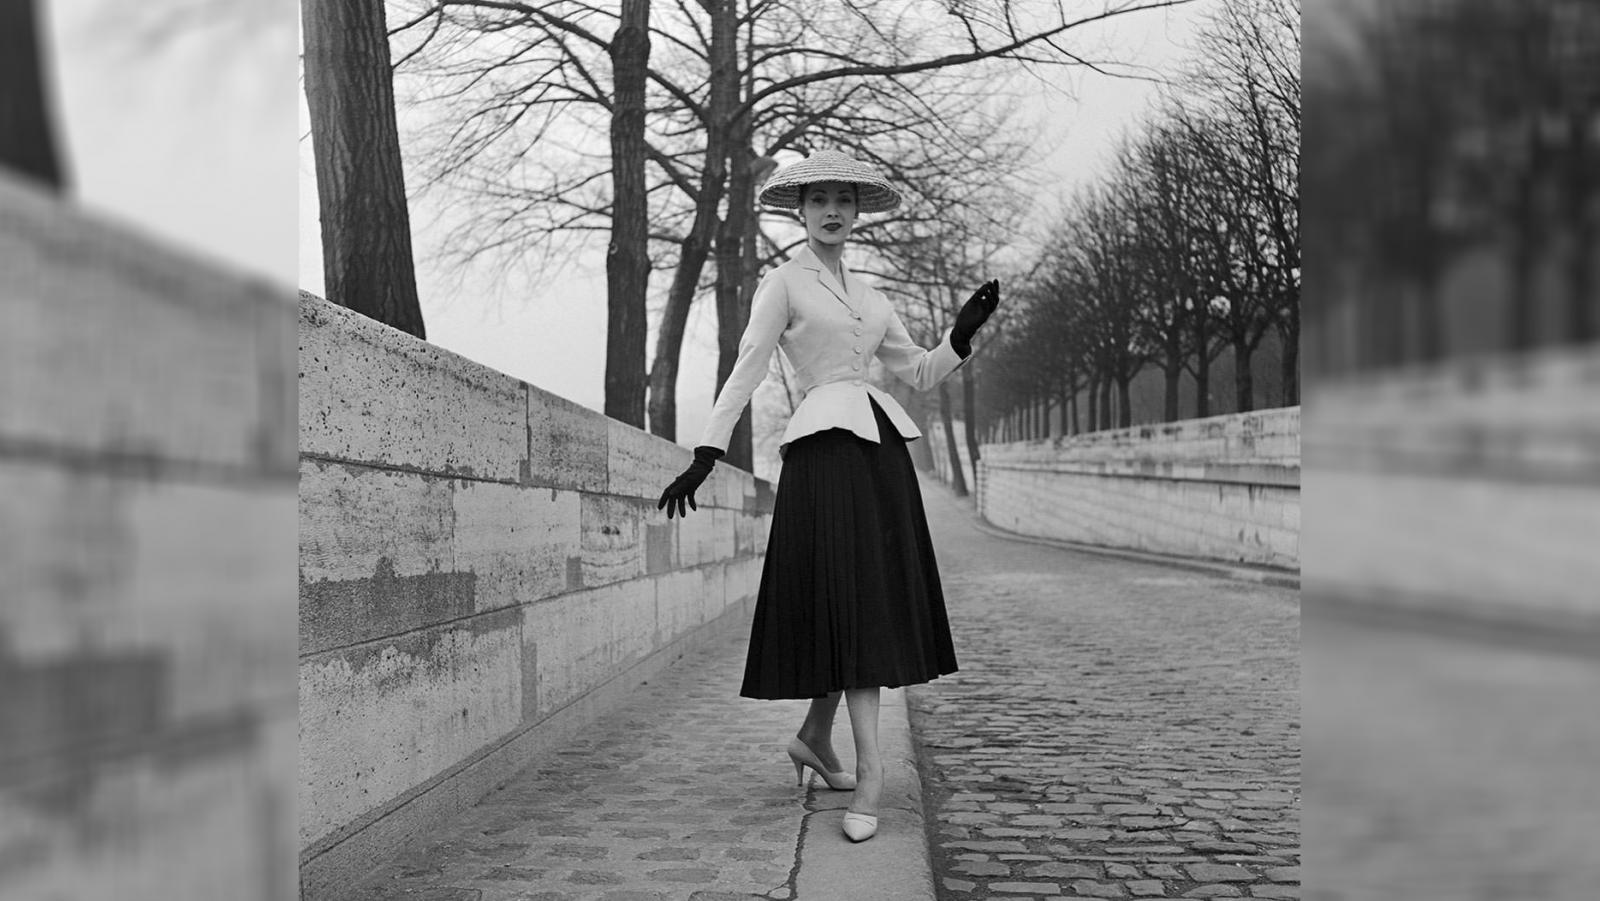 Tailleur bar, l'icona del New Look di Dior (fonte: dior.com)